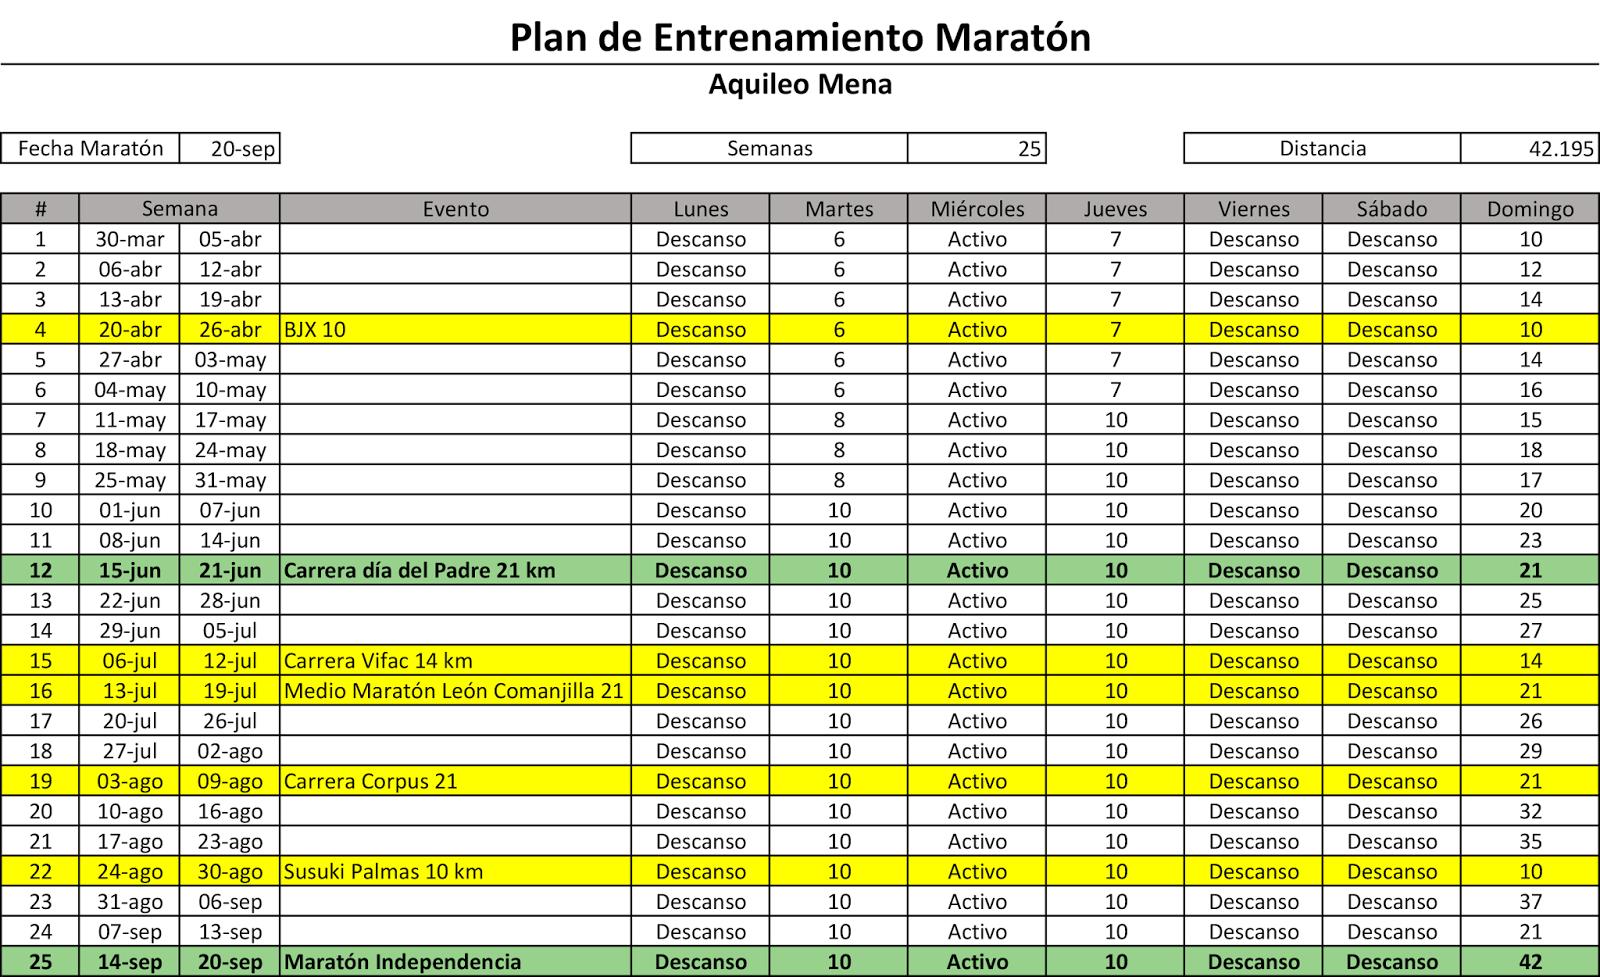 Prepar ndome para el marat n mi plan de entrenaminto - Plan de entrenamiento en casa ...